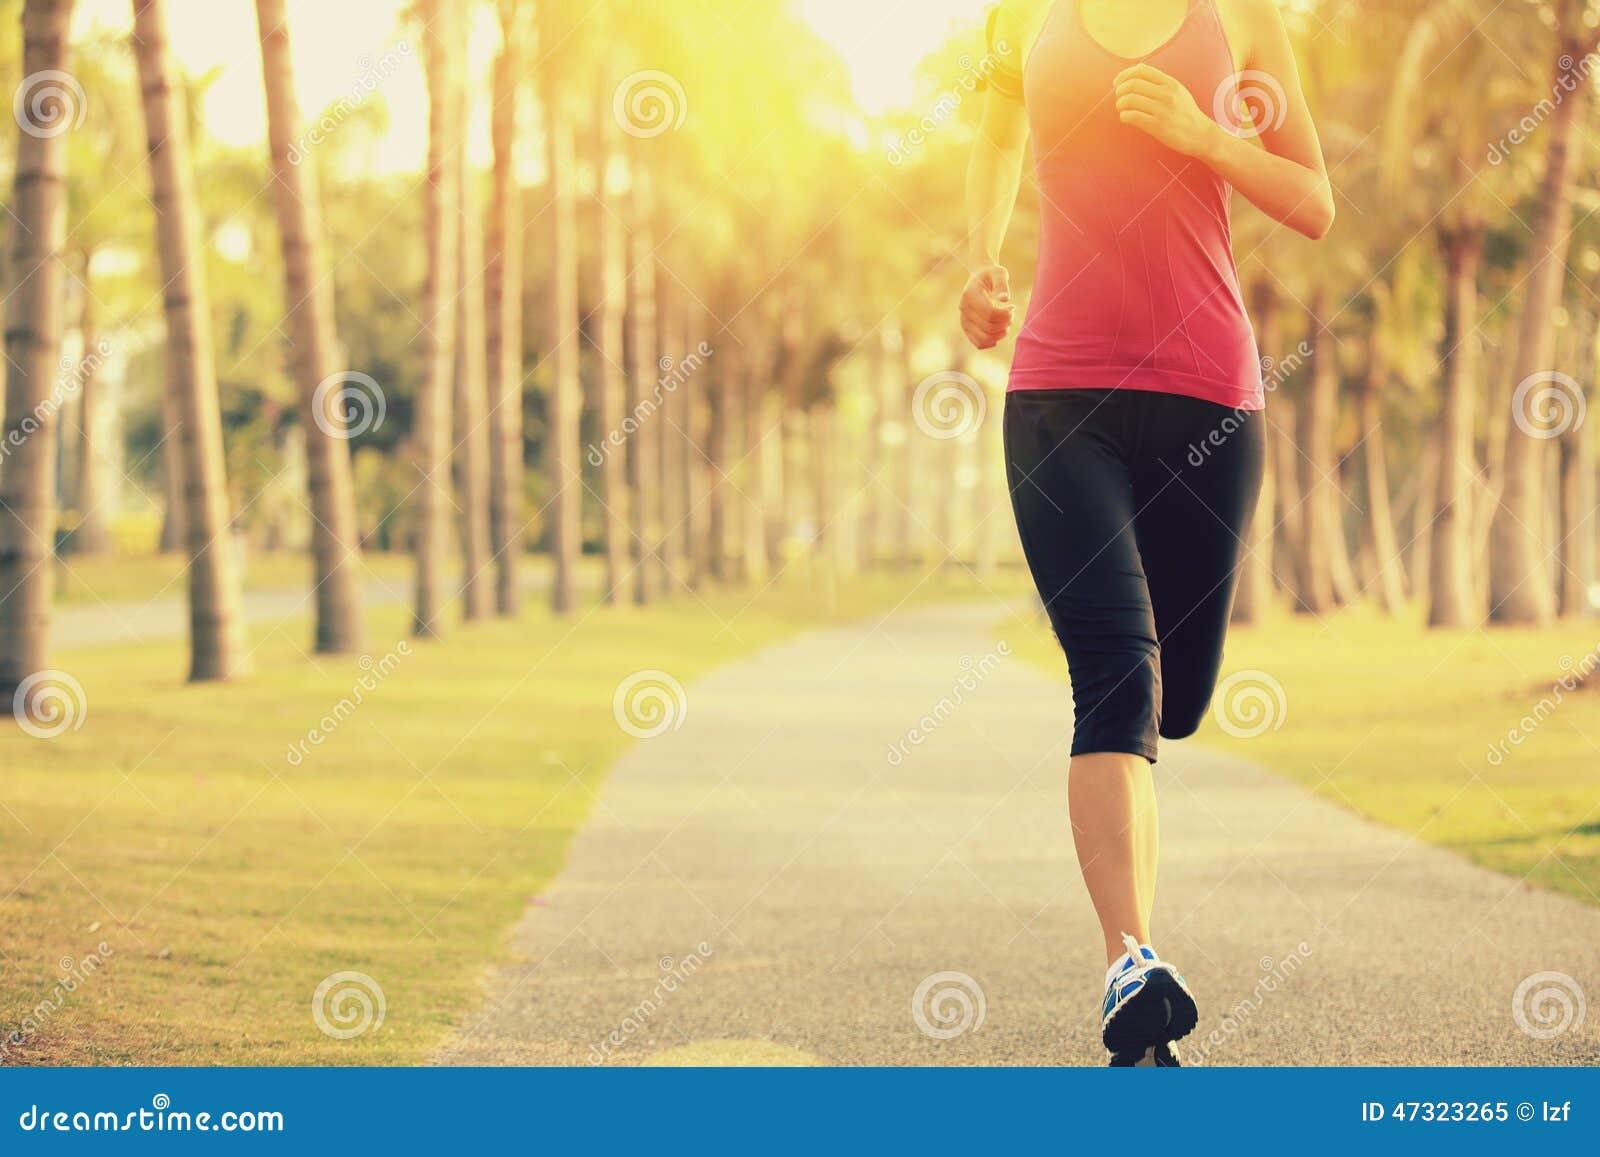 Athlète de coureur courant au parc tropical séance d entraînement pulsante de lever de soleil de forme physique de femme